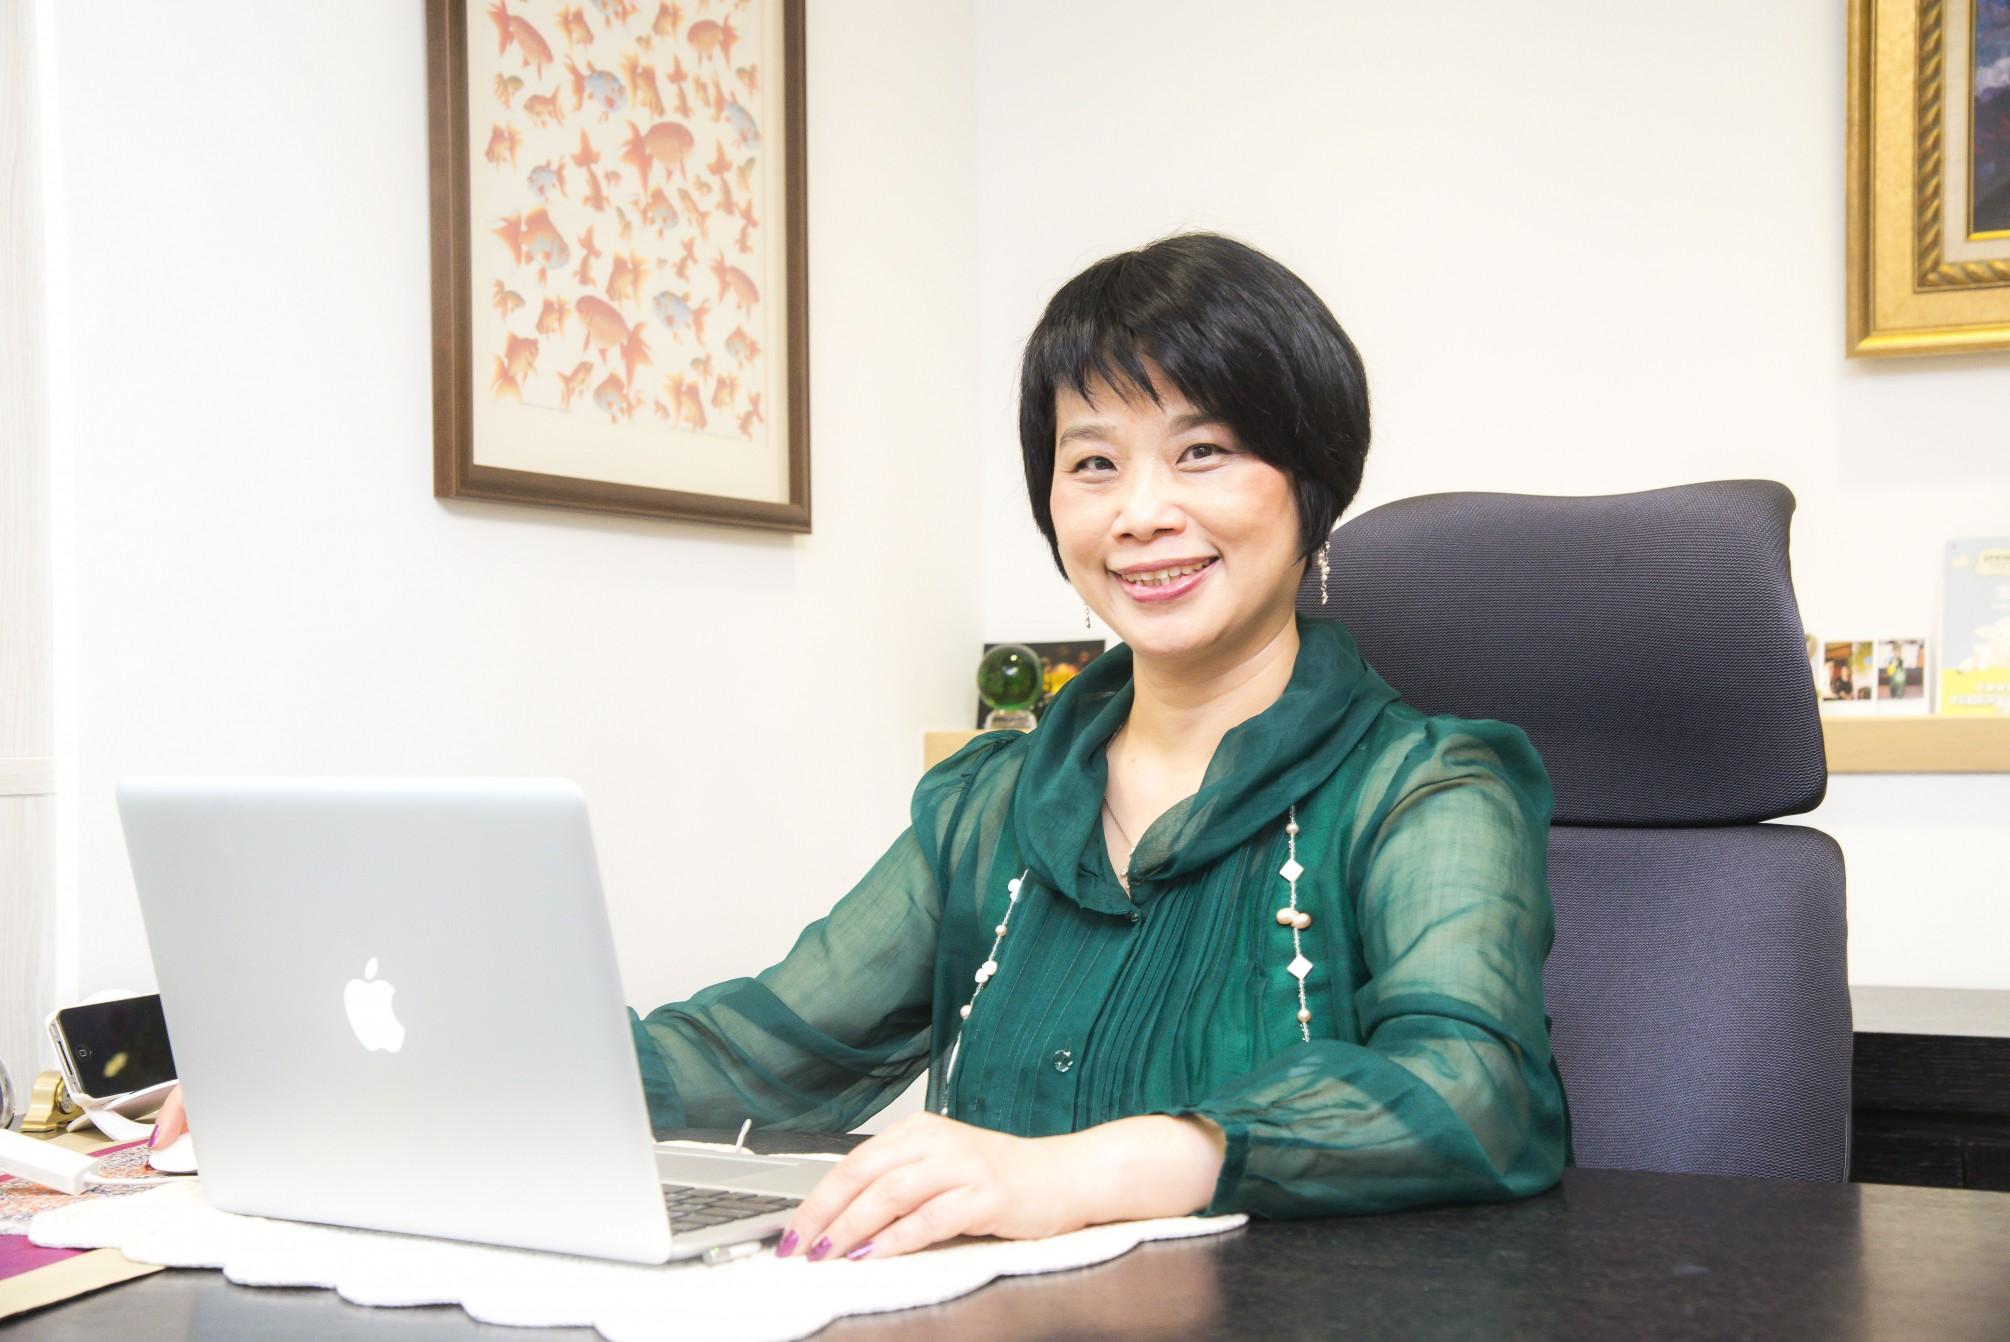 綻放美人香─「喜思集團」的CEO黃子容!